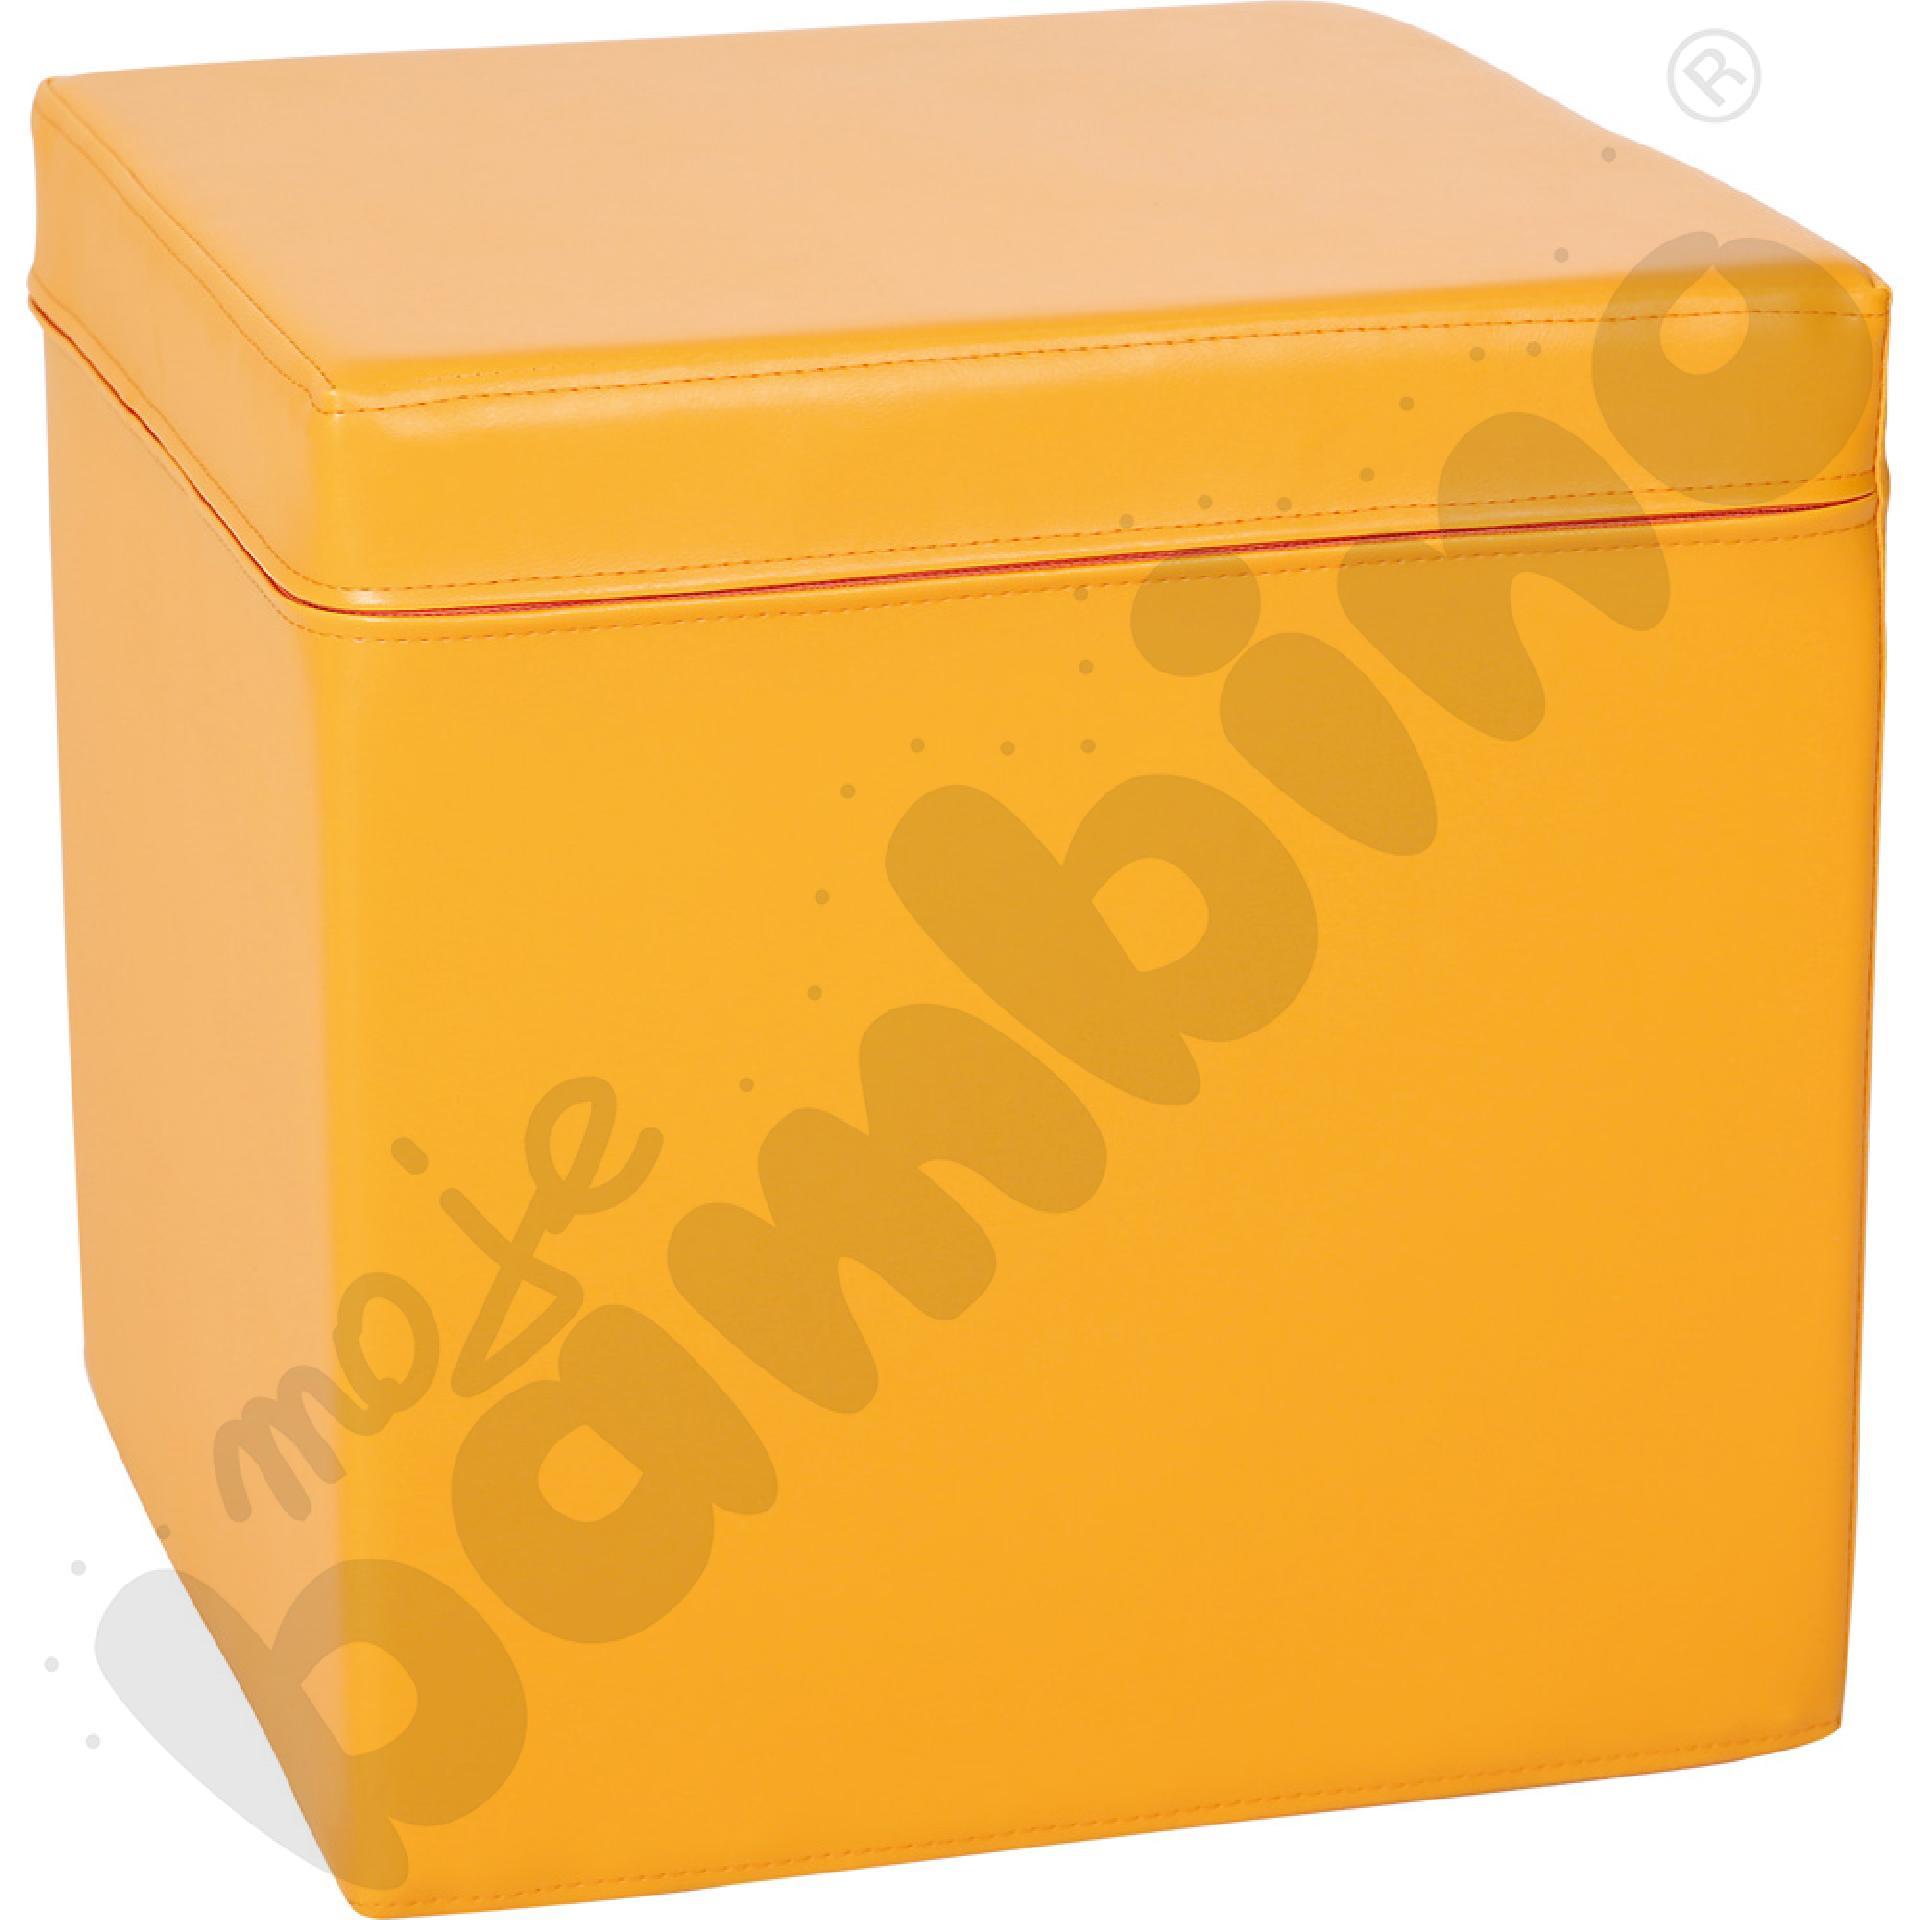 Kostka świetlicowa pomarańczowa, wys. 35 cm